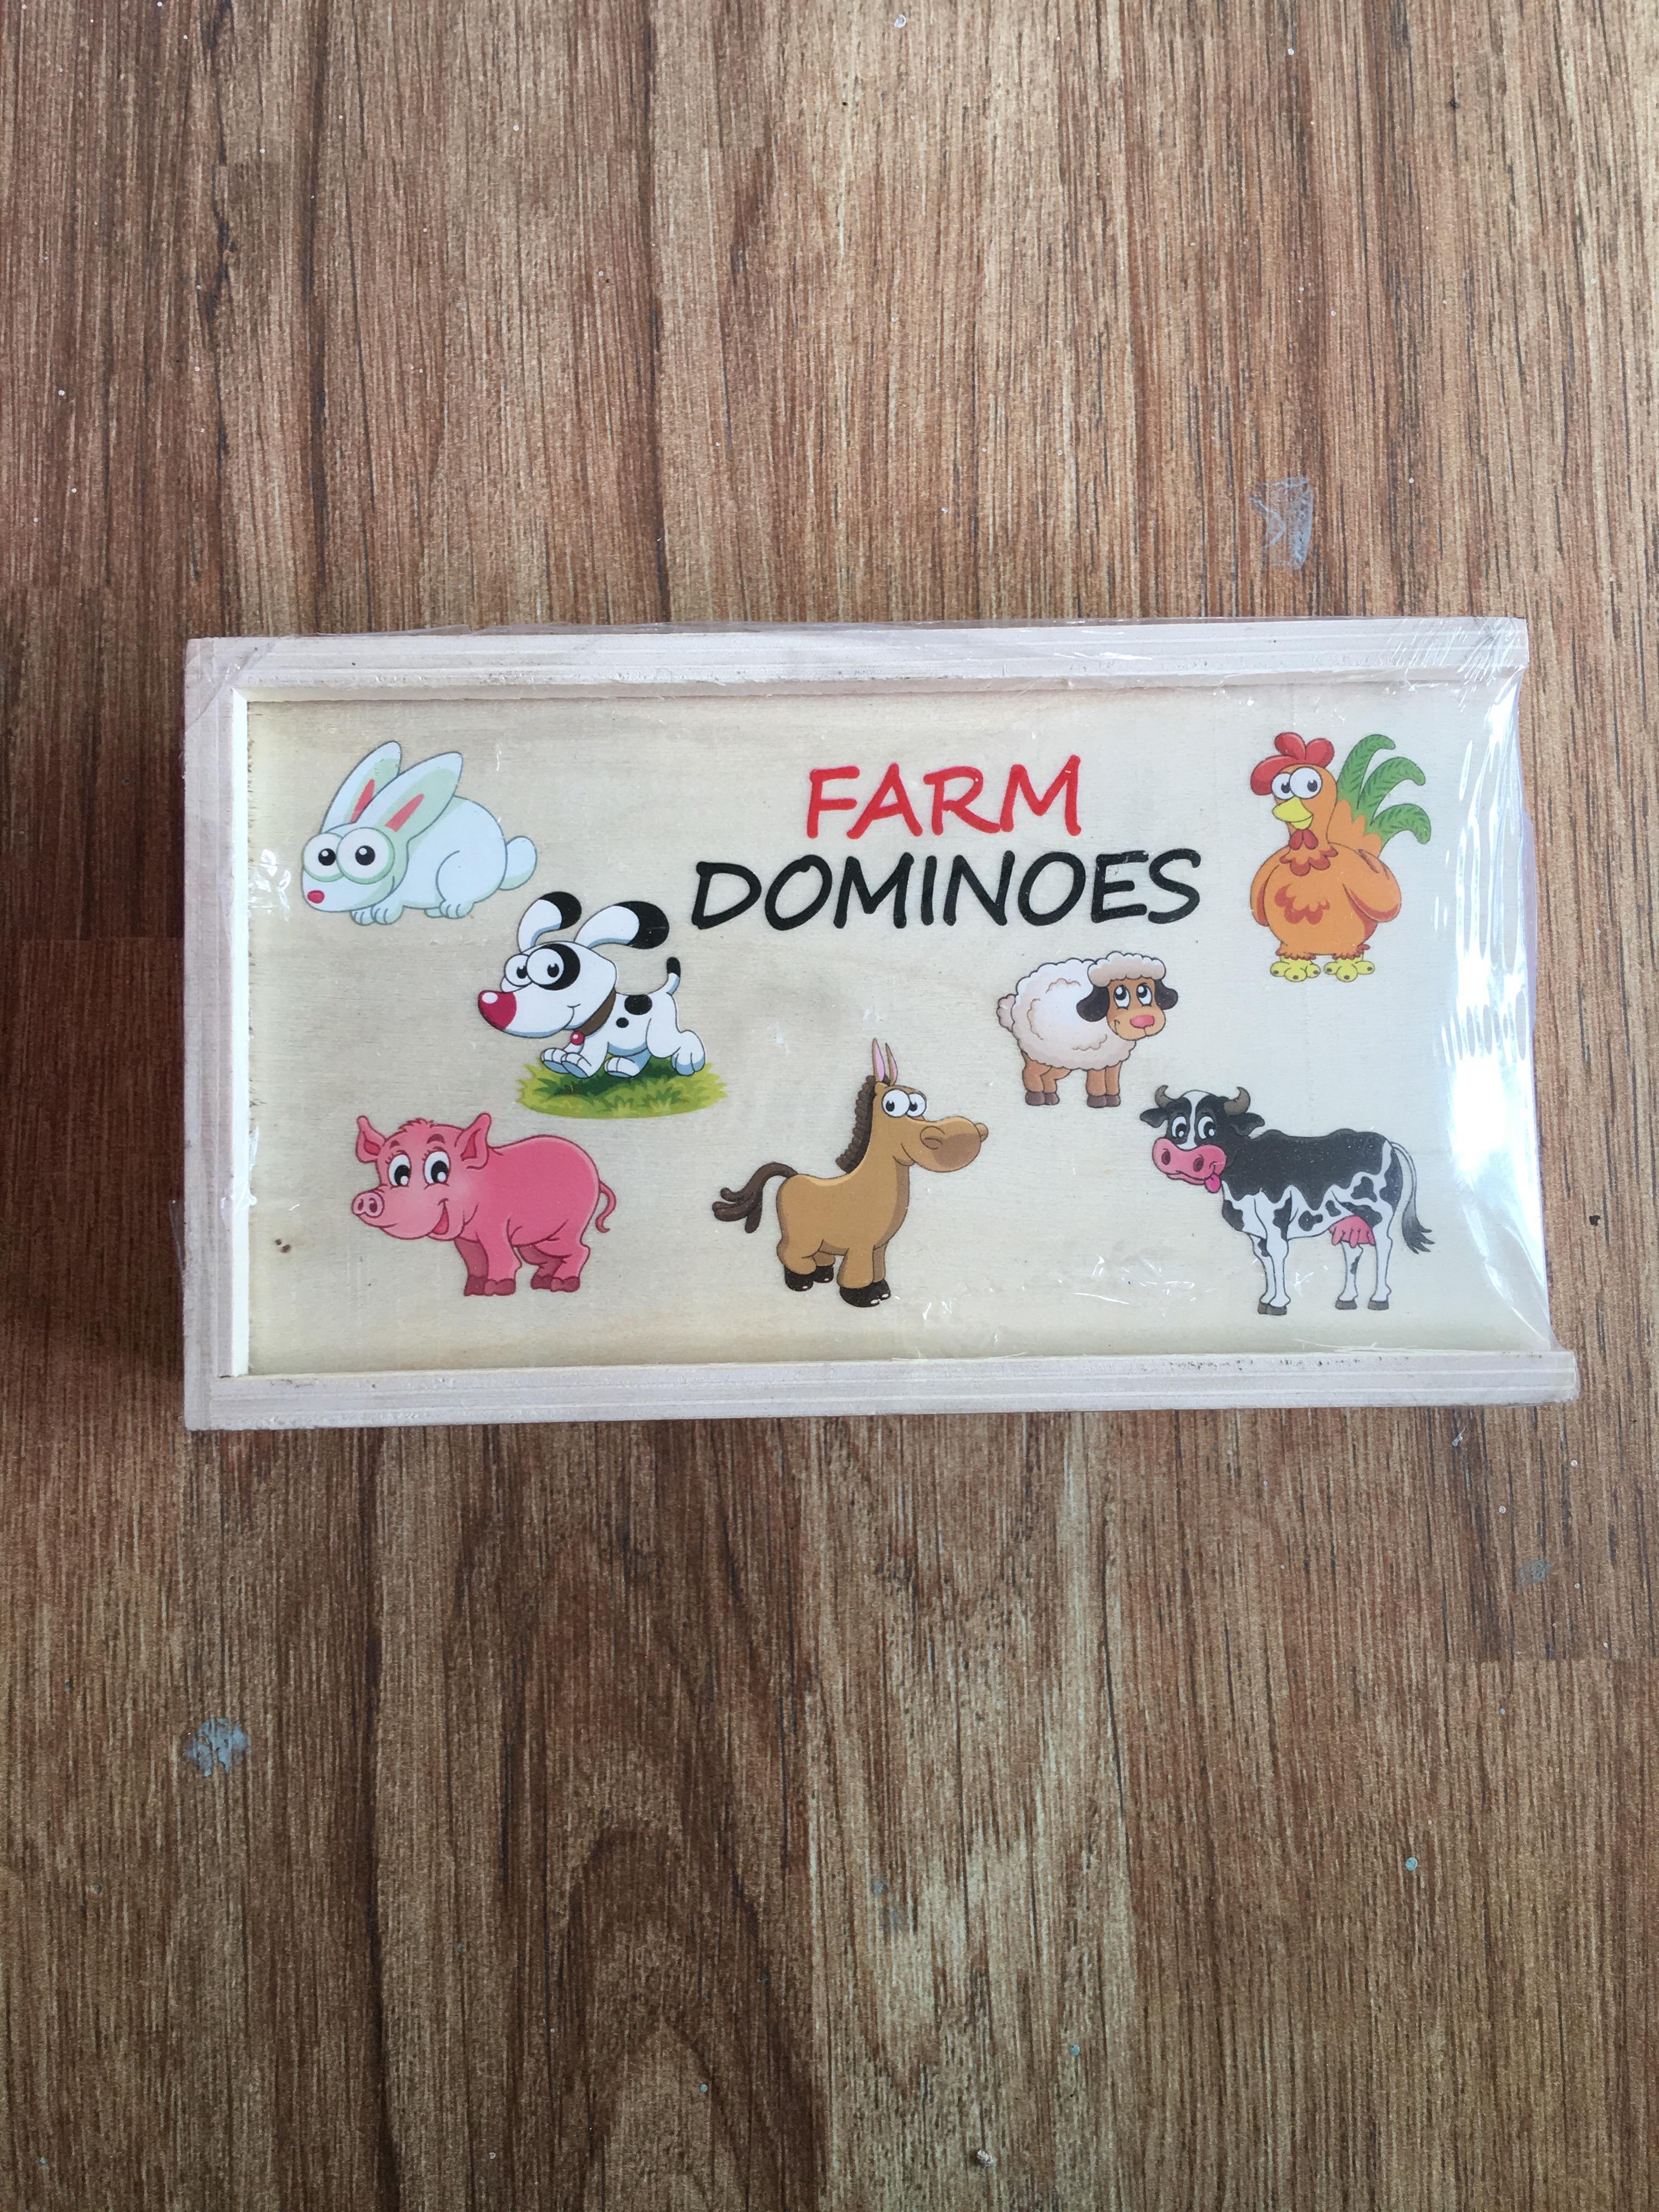 โดมิโน่ไม้ สัตว์ในฟาร์ม